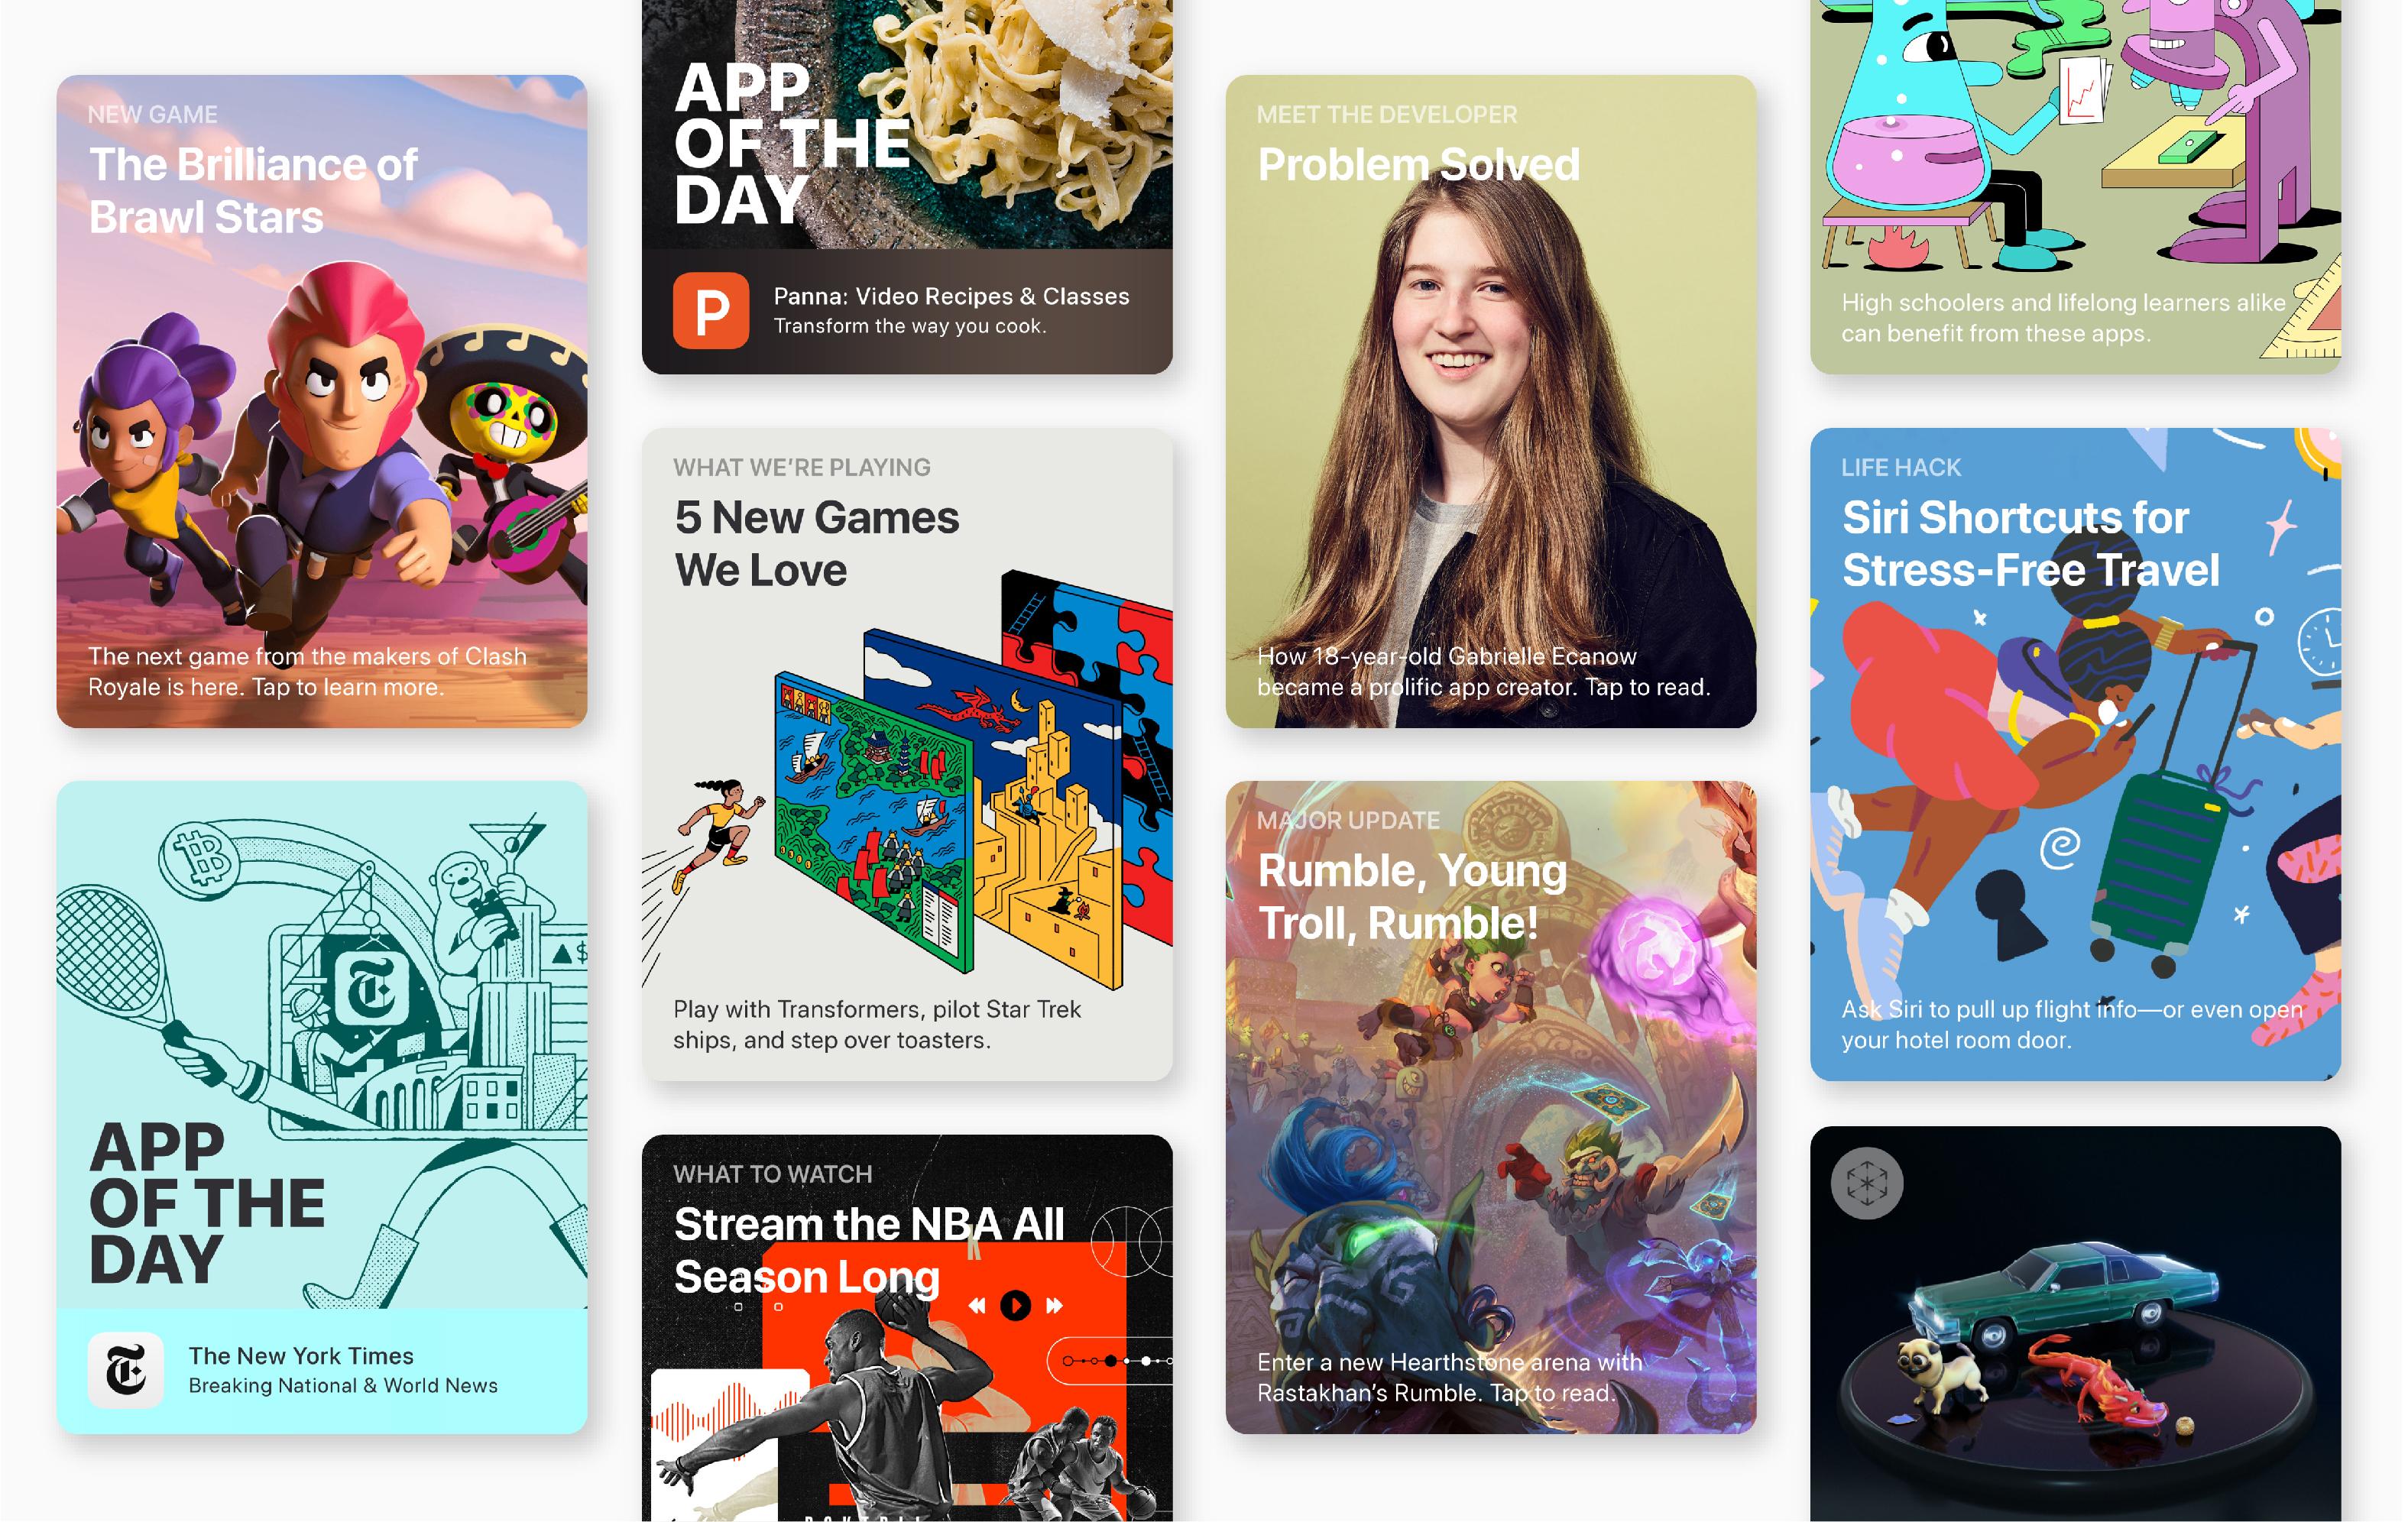 Apple confirme les records de ventes App Store des fêtes de fin d'année 1